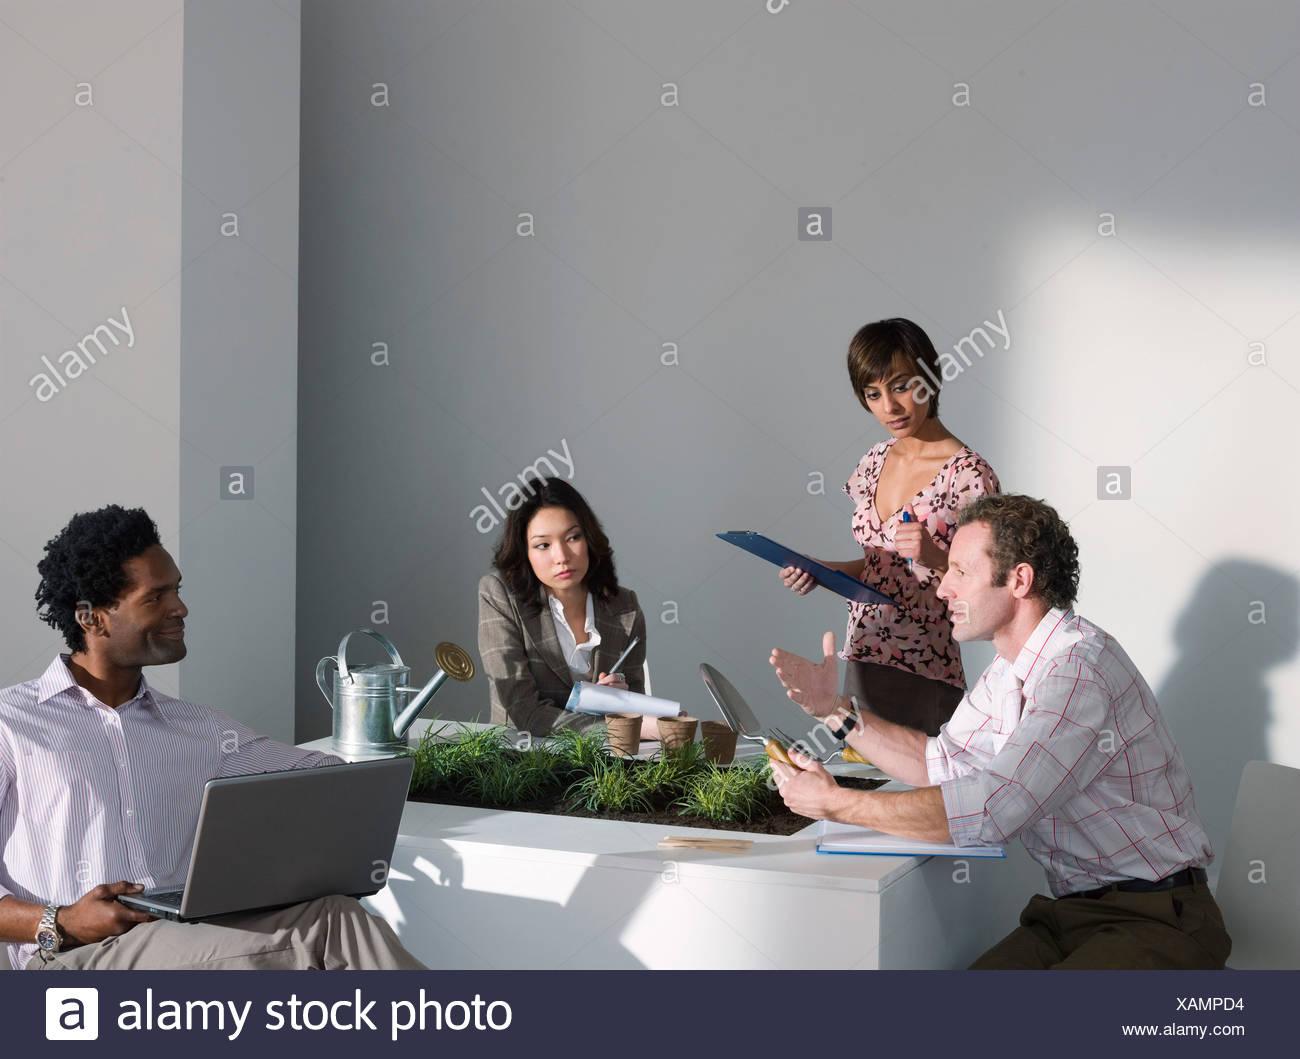 Une réunion d'affaires sur un thème vert Photo Stock